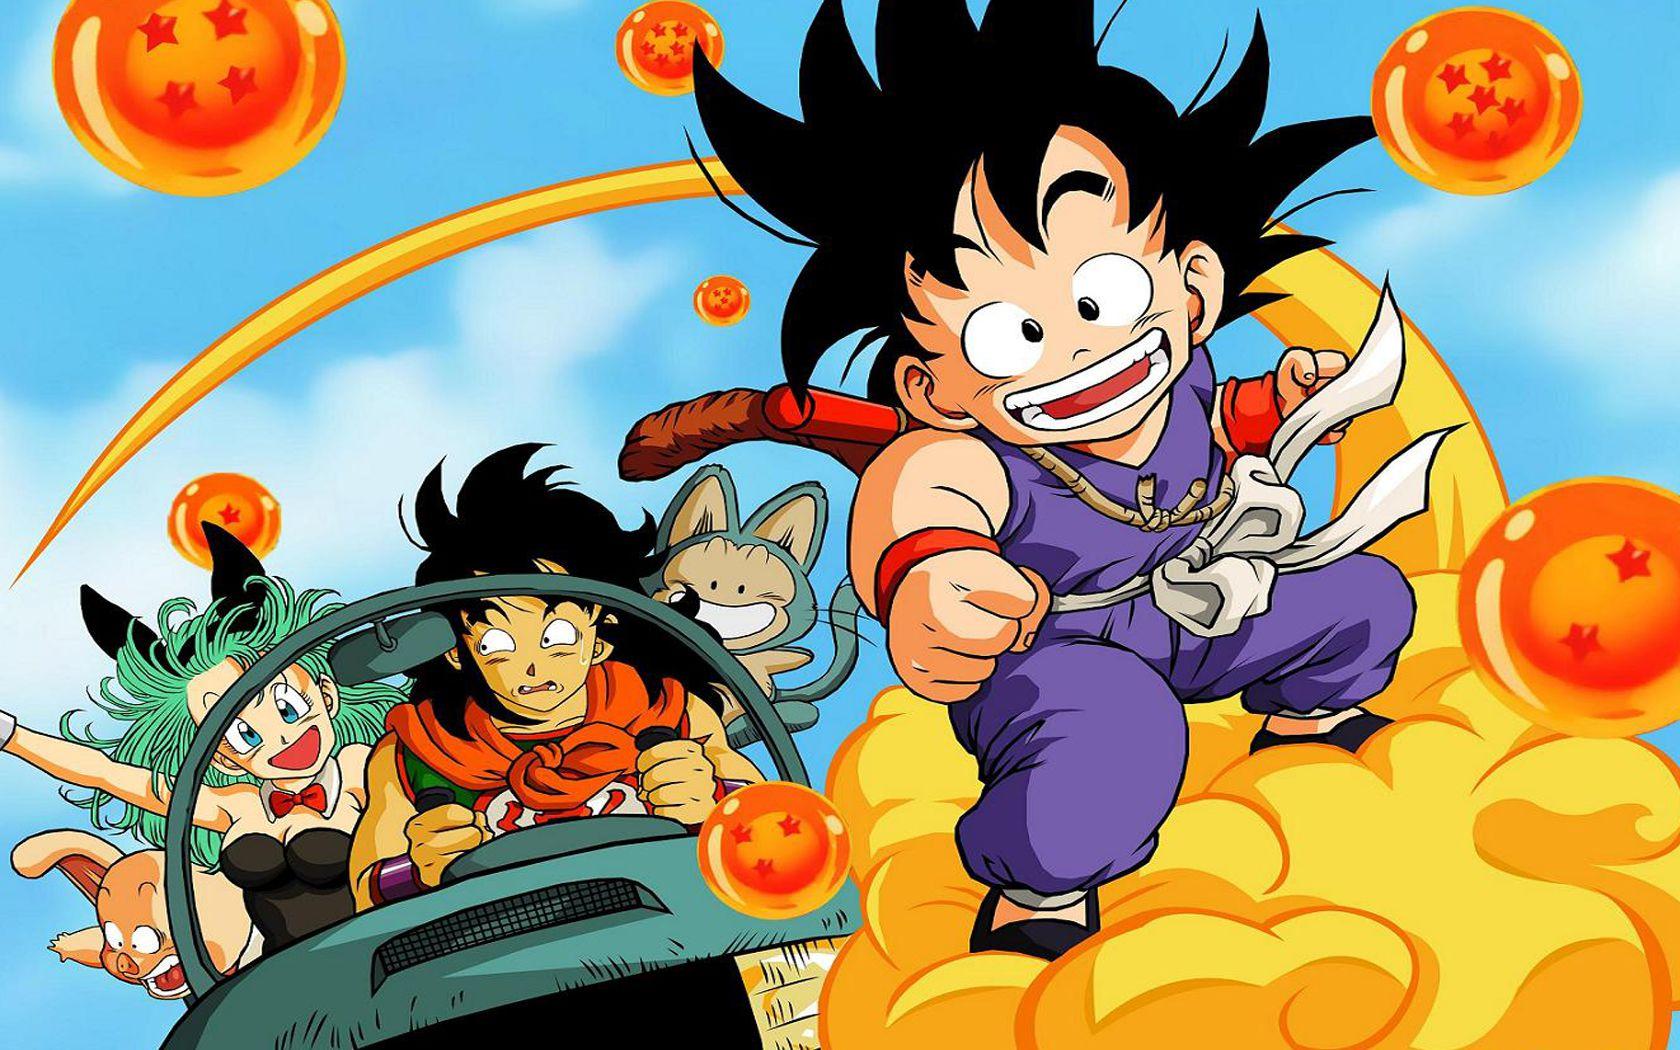 Những bộ truyện tranh manga hay nhất mọi thời đại – Top Manga Hay (P2)